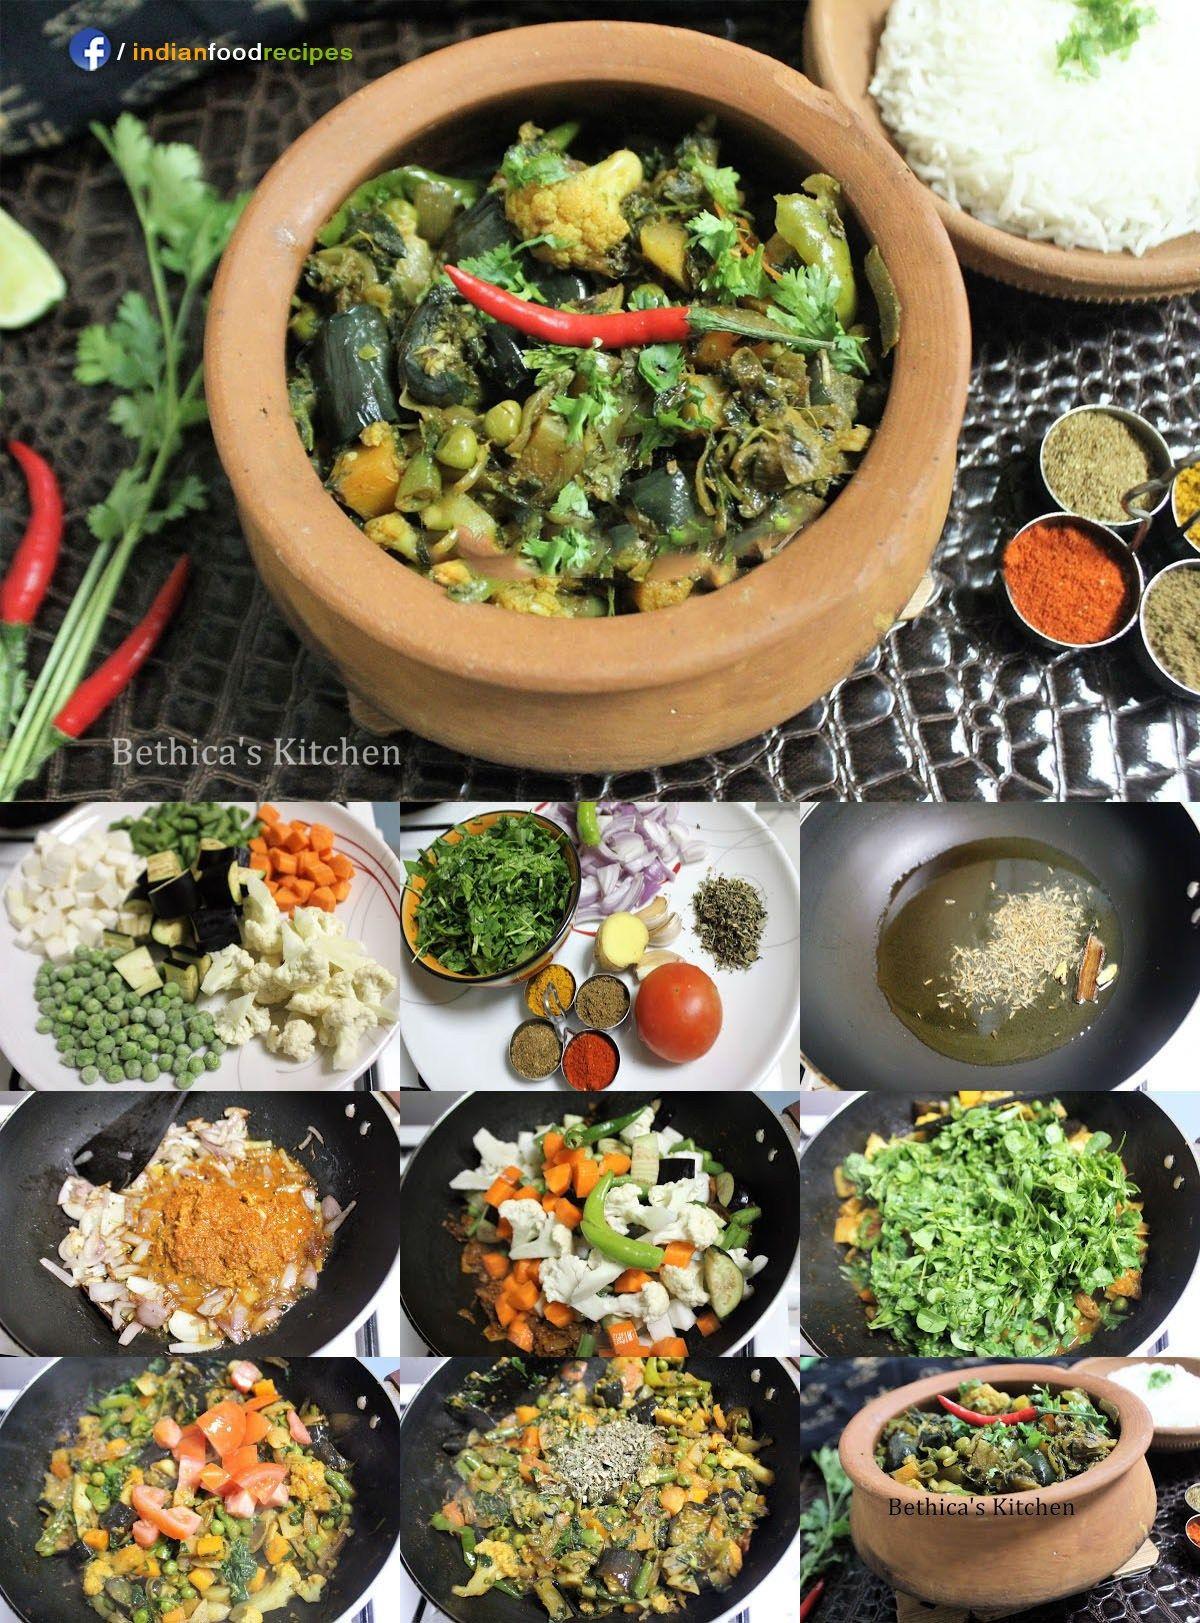 Diwani handi mixed veg curry hyderabadi style recipe step by diwani handi mixed veg curry hyderabadi style recipe step by step pictures forumfinder Image collections